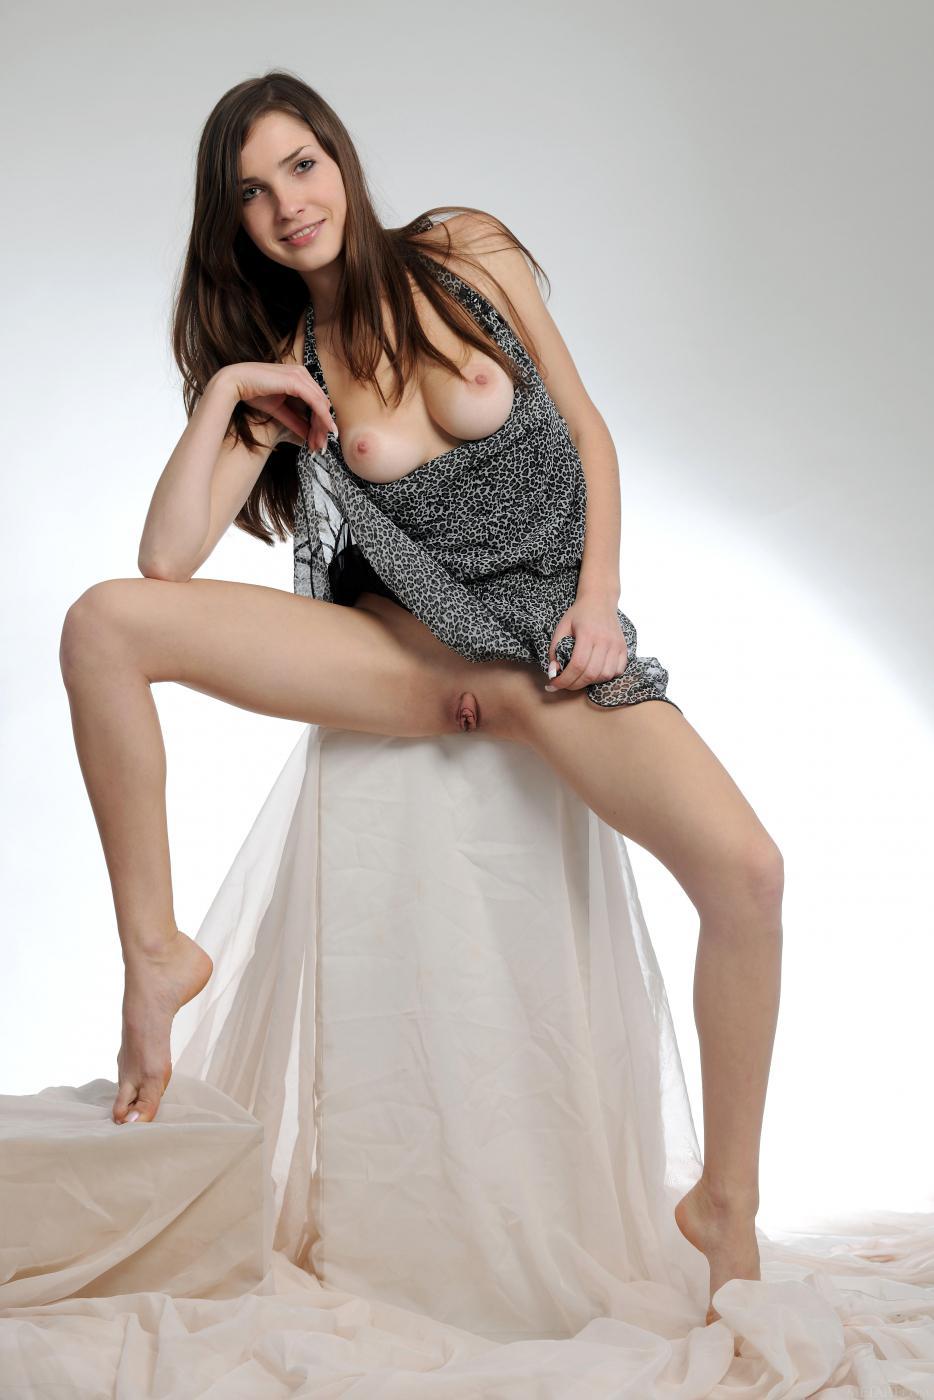 Ослепительная брюнетка Semmi A снимает свое платье и дразнит торчащими сосками и аккуратной киской